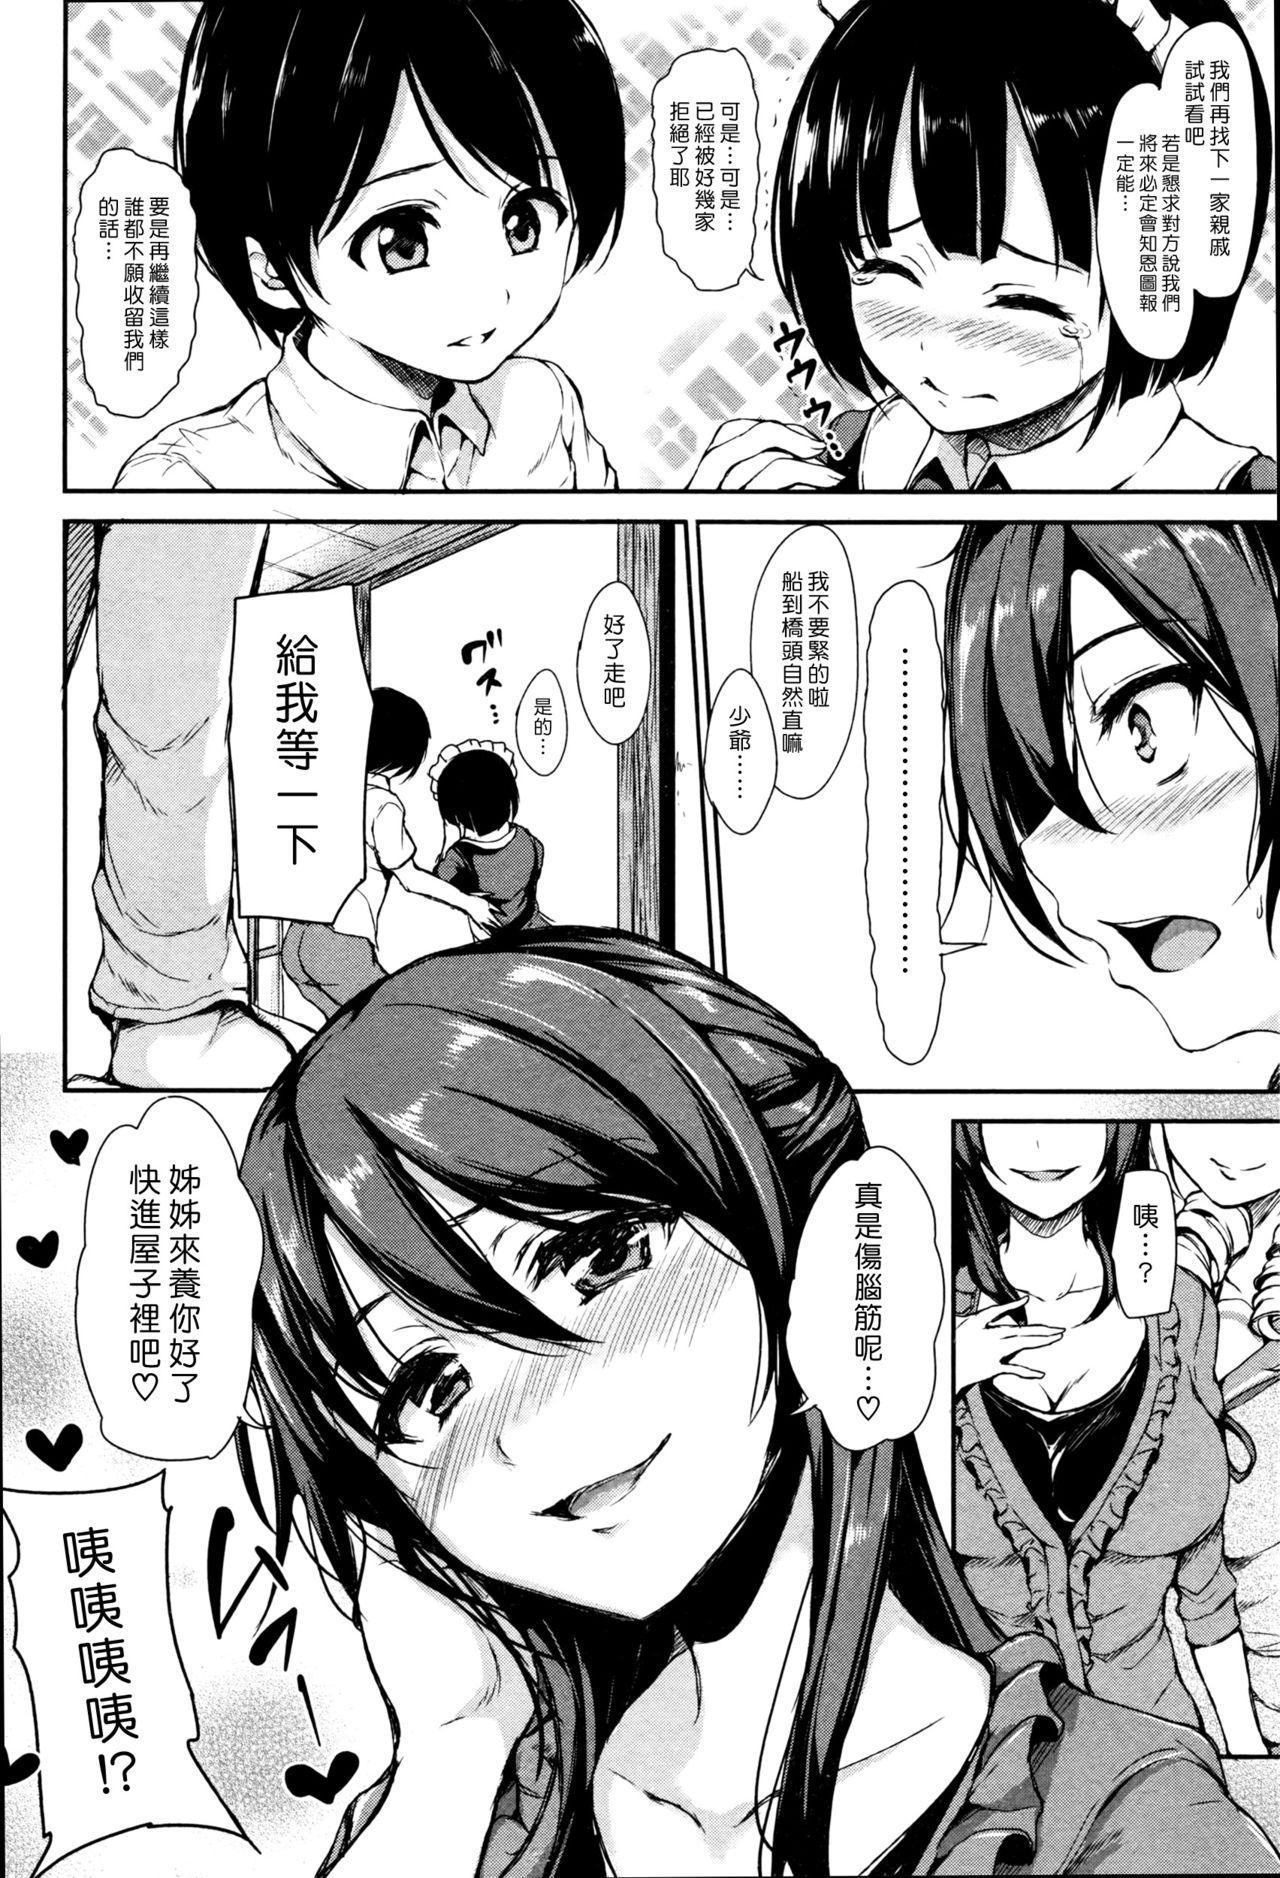 Fudeoro Sisters Ch. 1-2 5